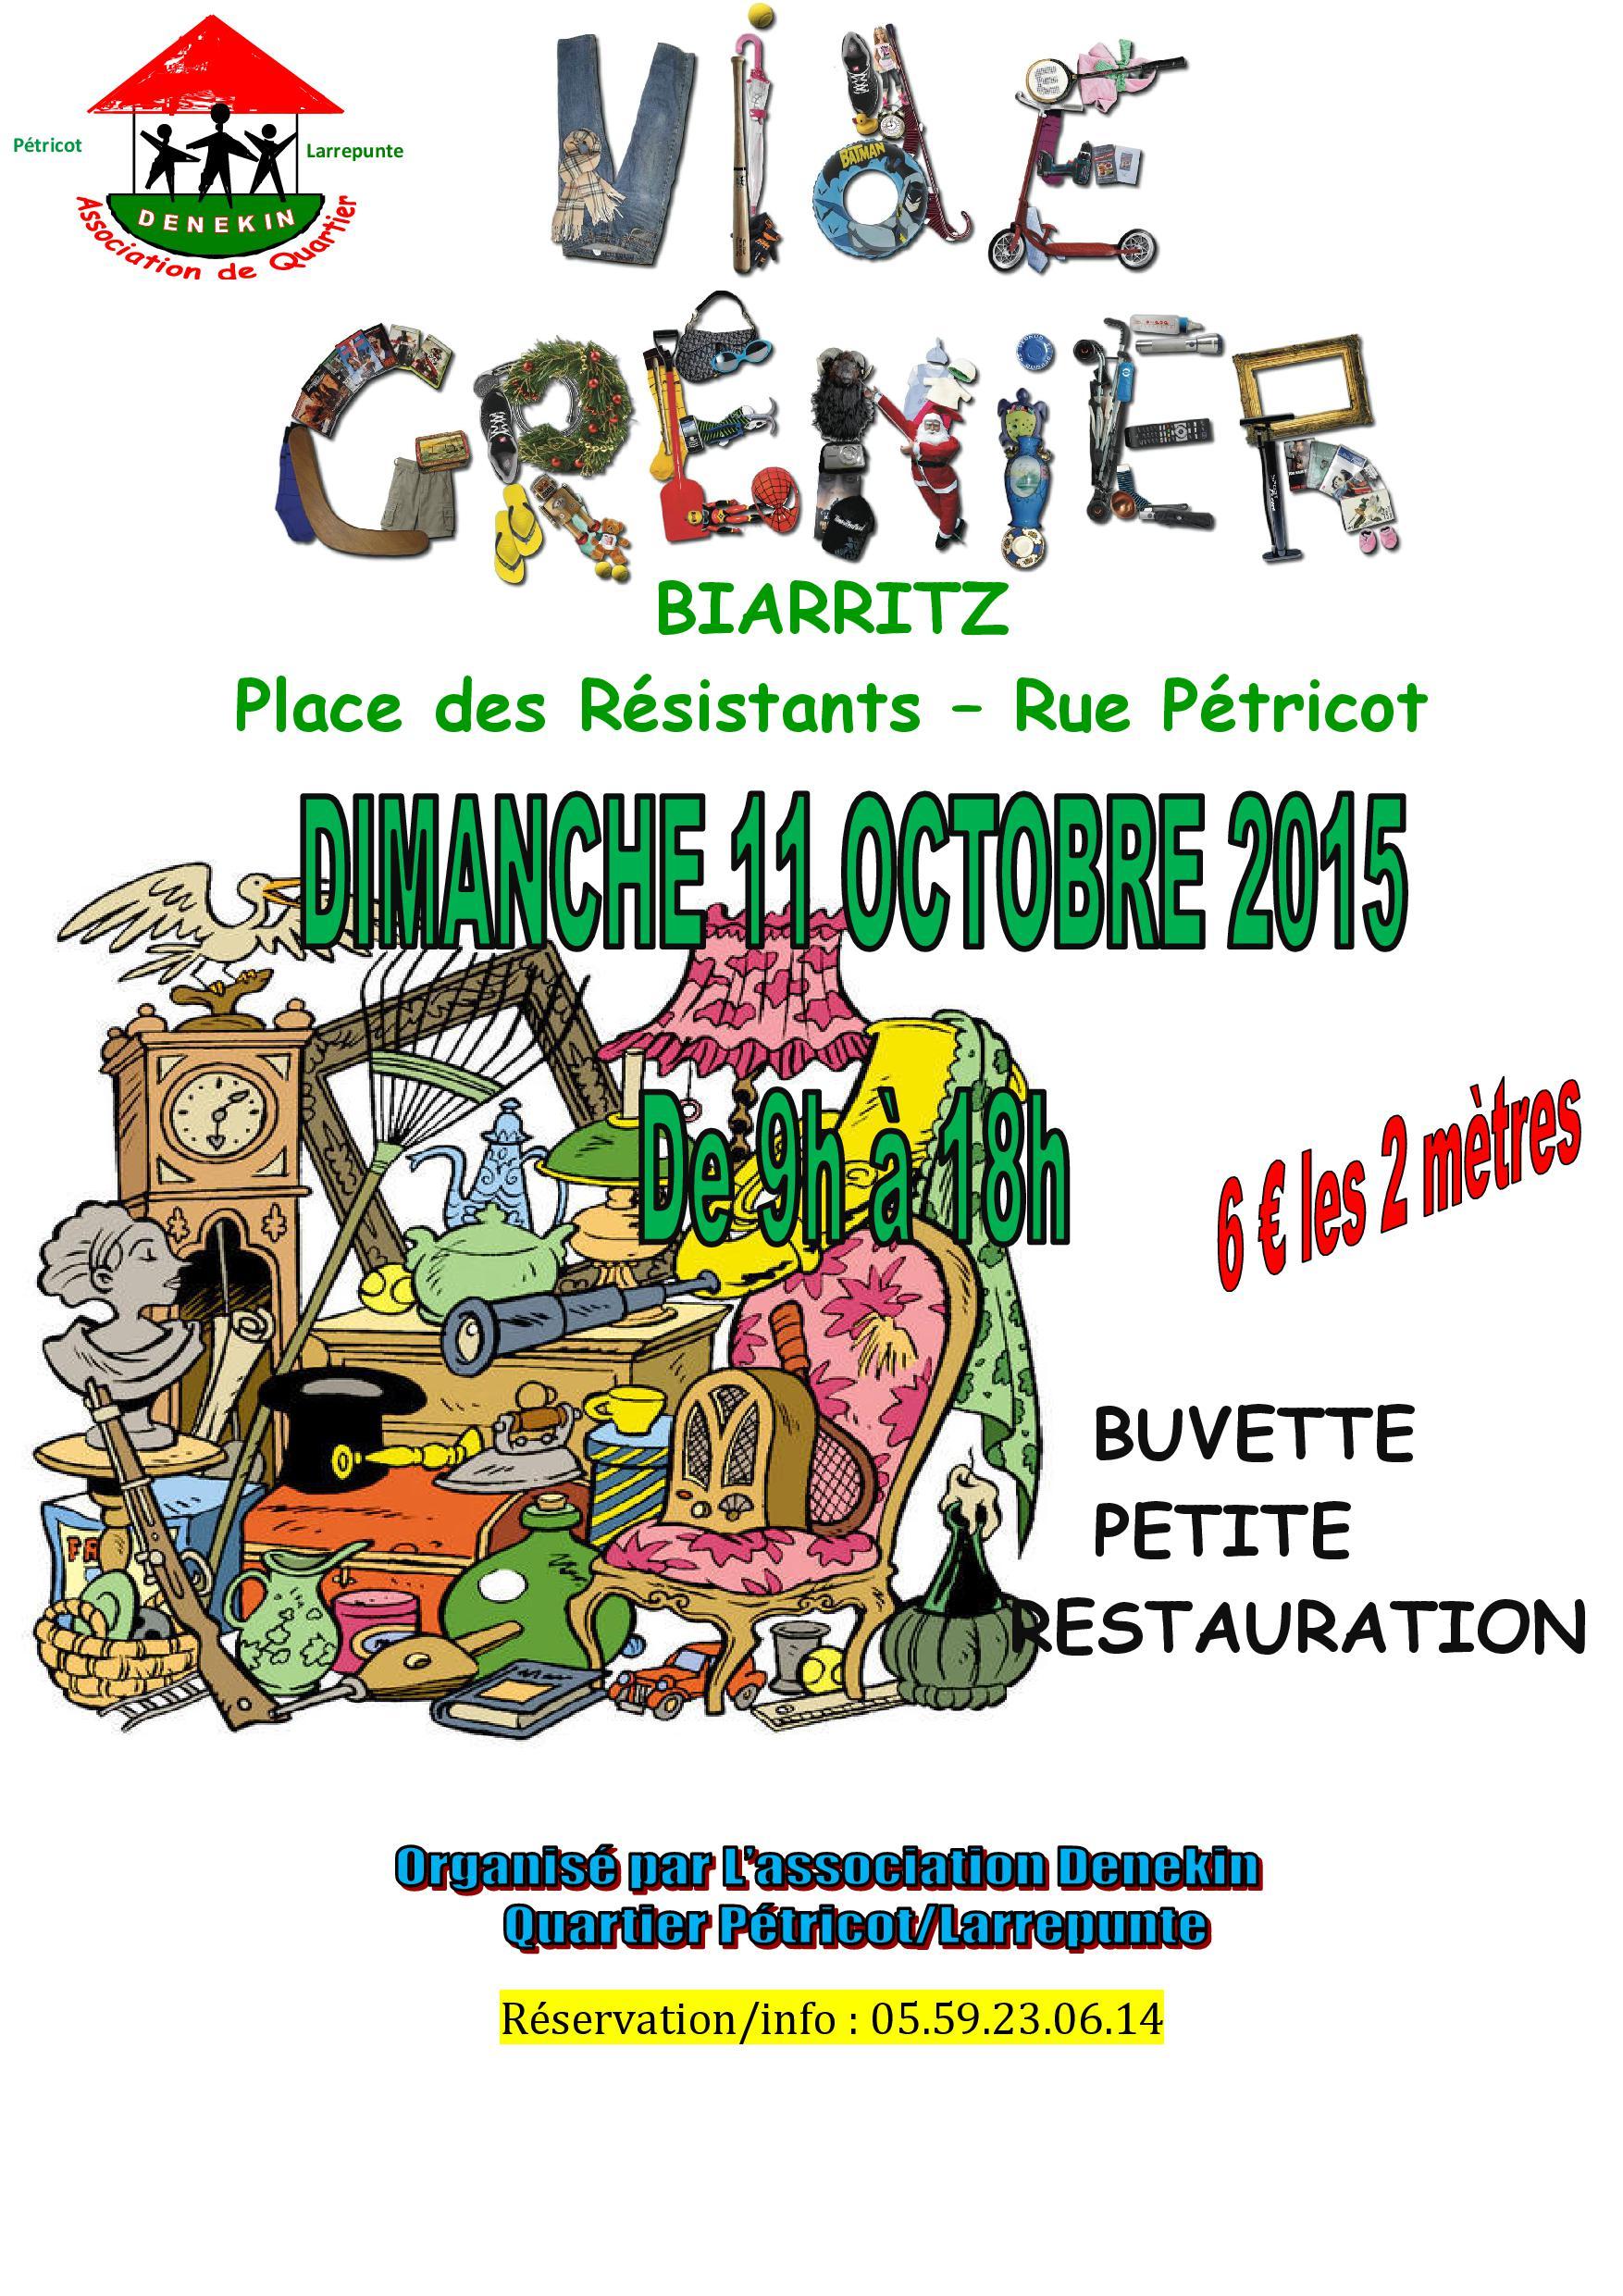 Vide grenier p tricot le 11 octobre de 9h00 18h00 association denekin - Vide grenier les angles ...